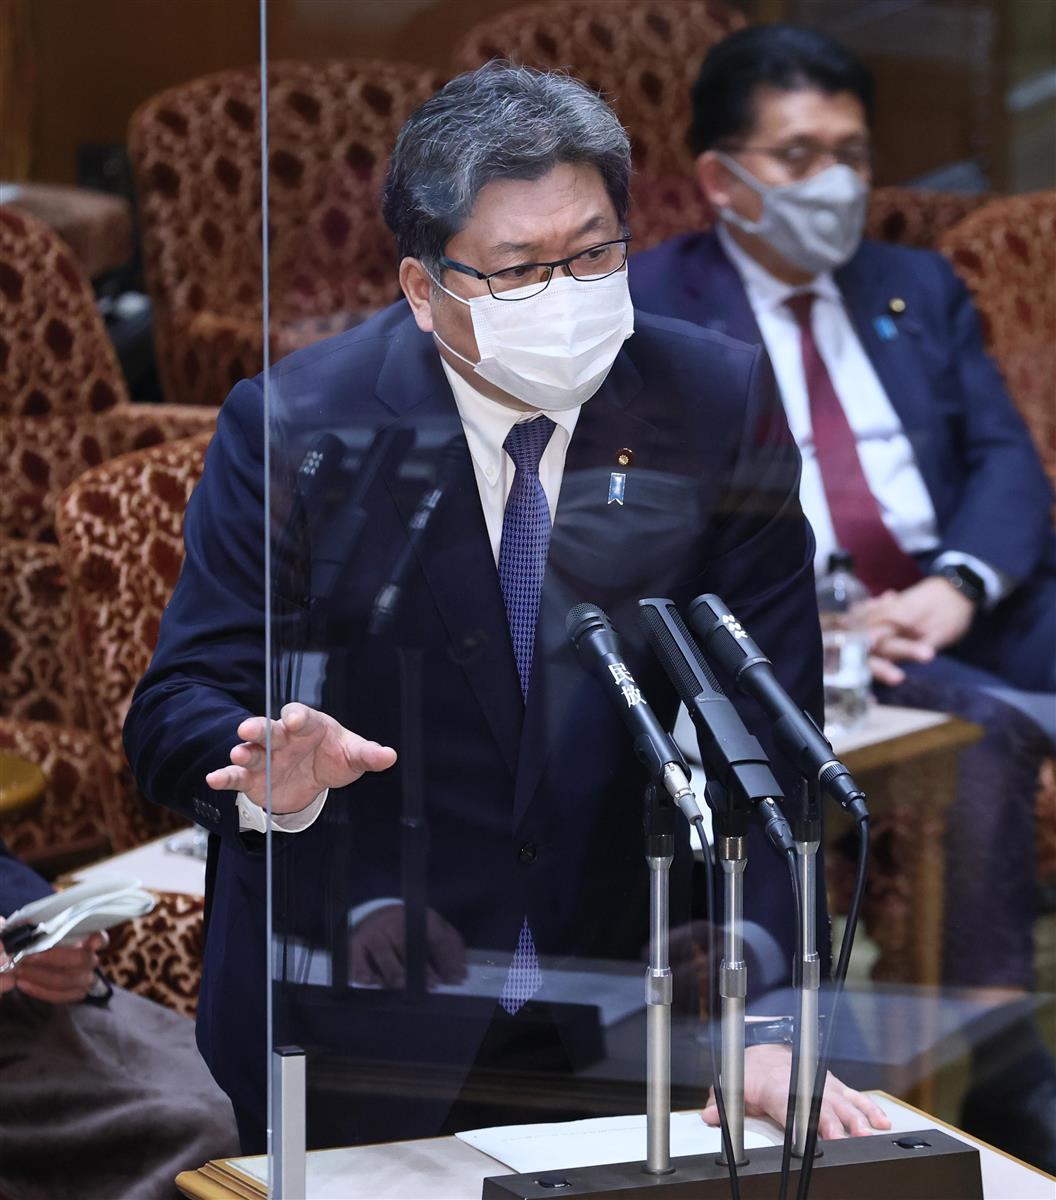 参院予算委員会で答弁する萩生田光一文科相=15日午後、参院第1委員会室(春名中撮影)